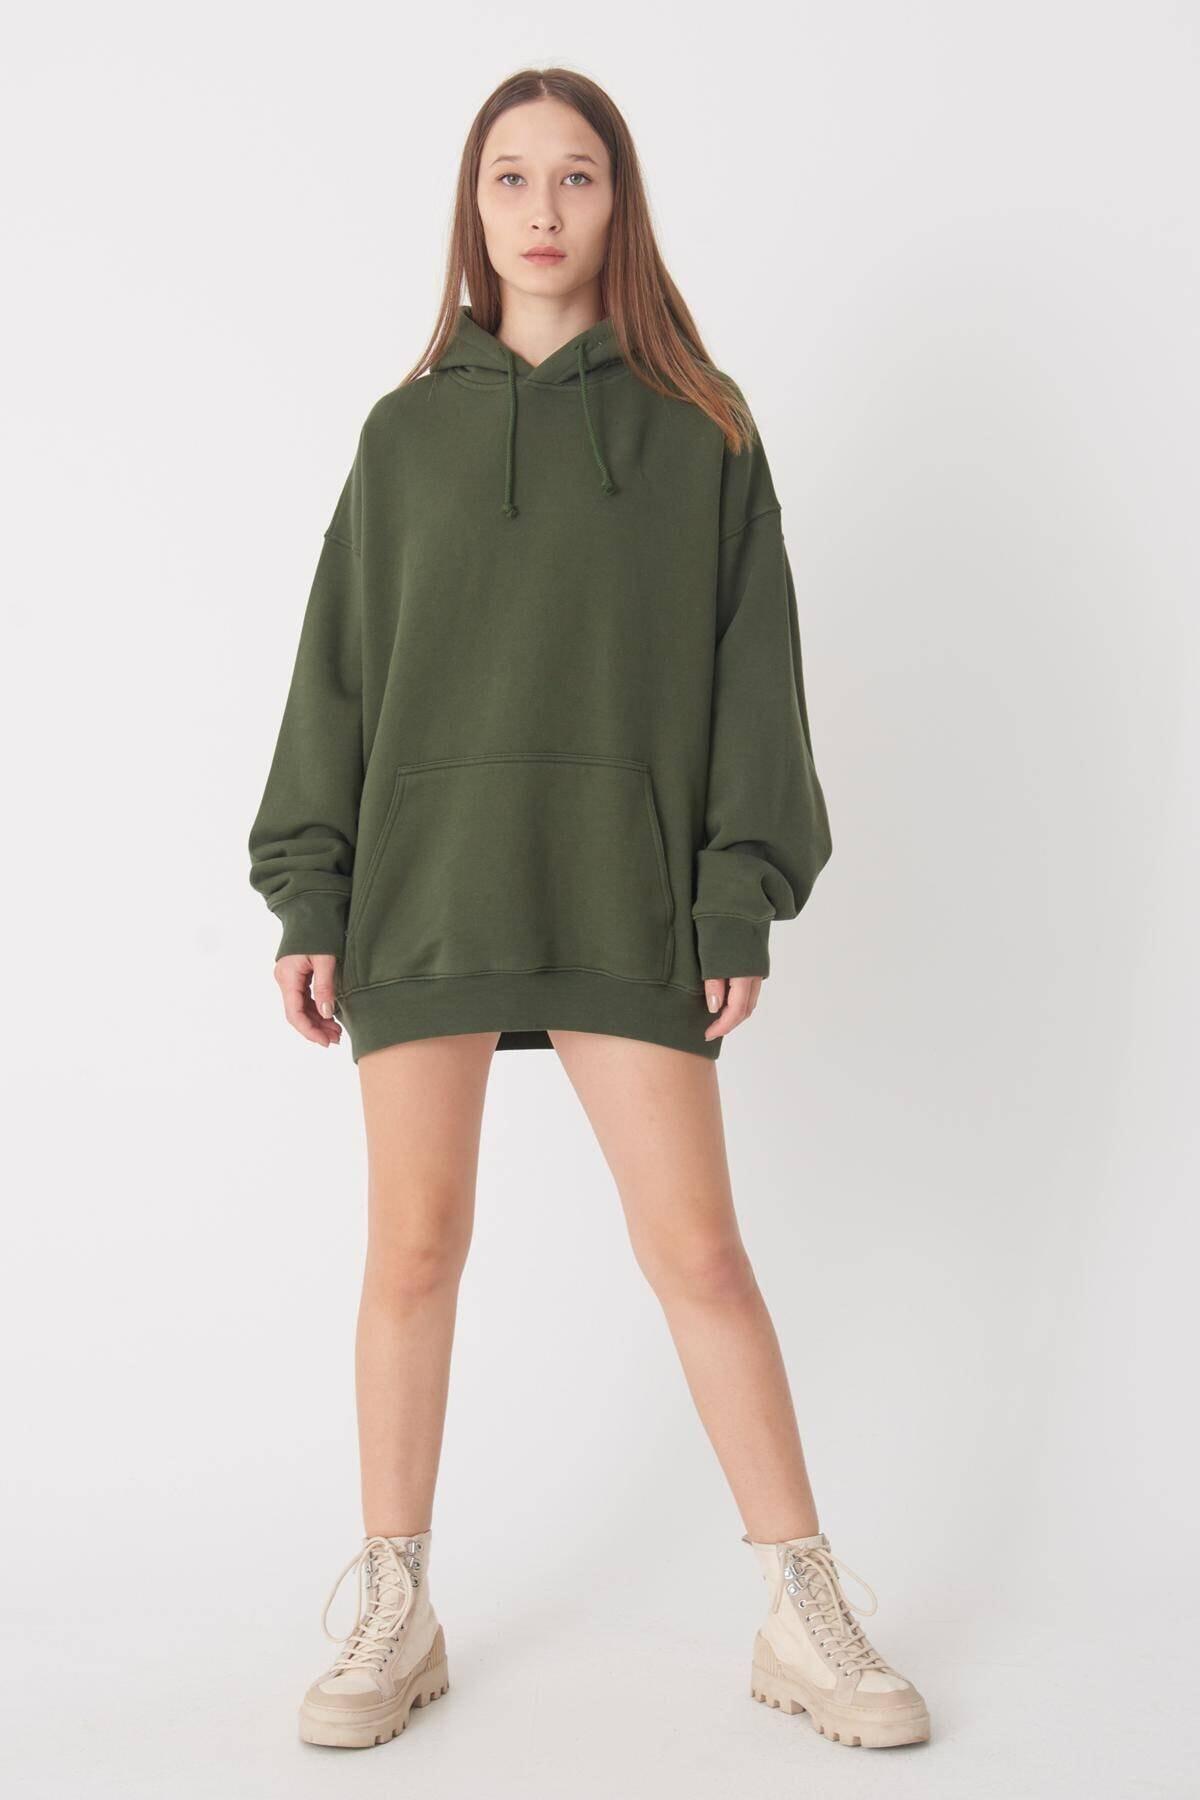 Addax Kadın Yeşil Kapüşonlu Uzun Sweat S9477 - S7 ADX-0000022987 1